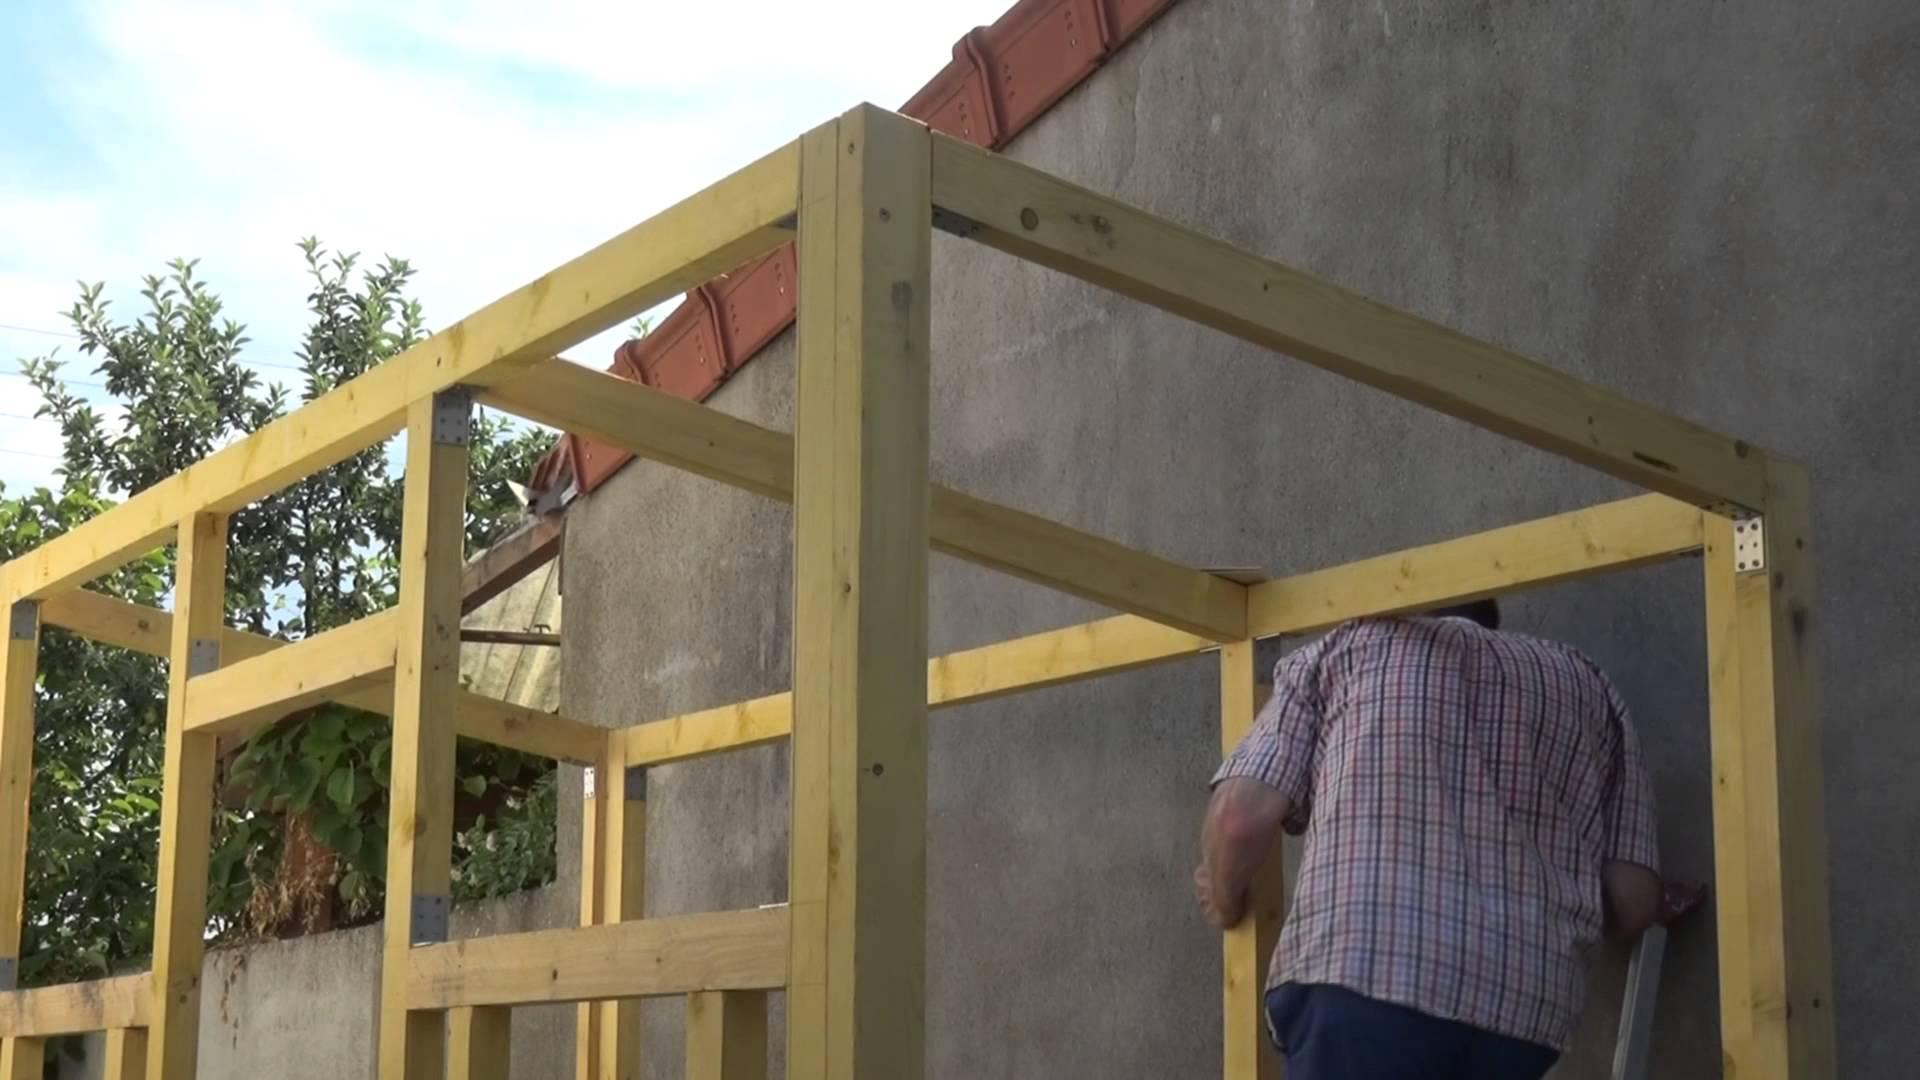 Construire Abri De Jardin Des Idées - Idees Conception Jardin tout Construire Une Cabane De Jardin Soi Meme